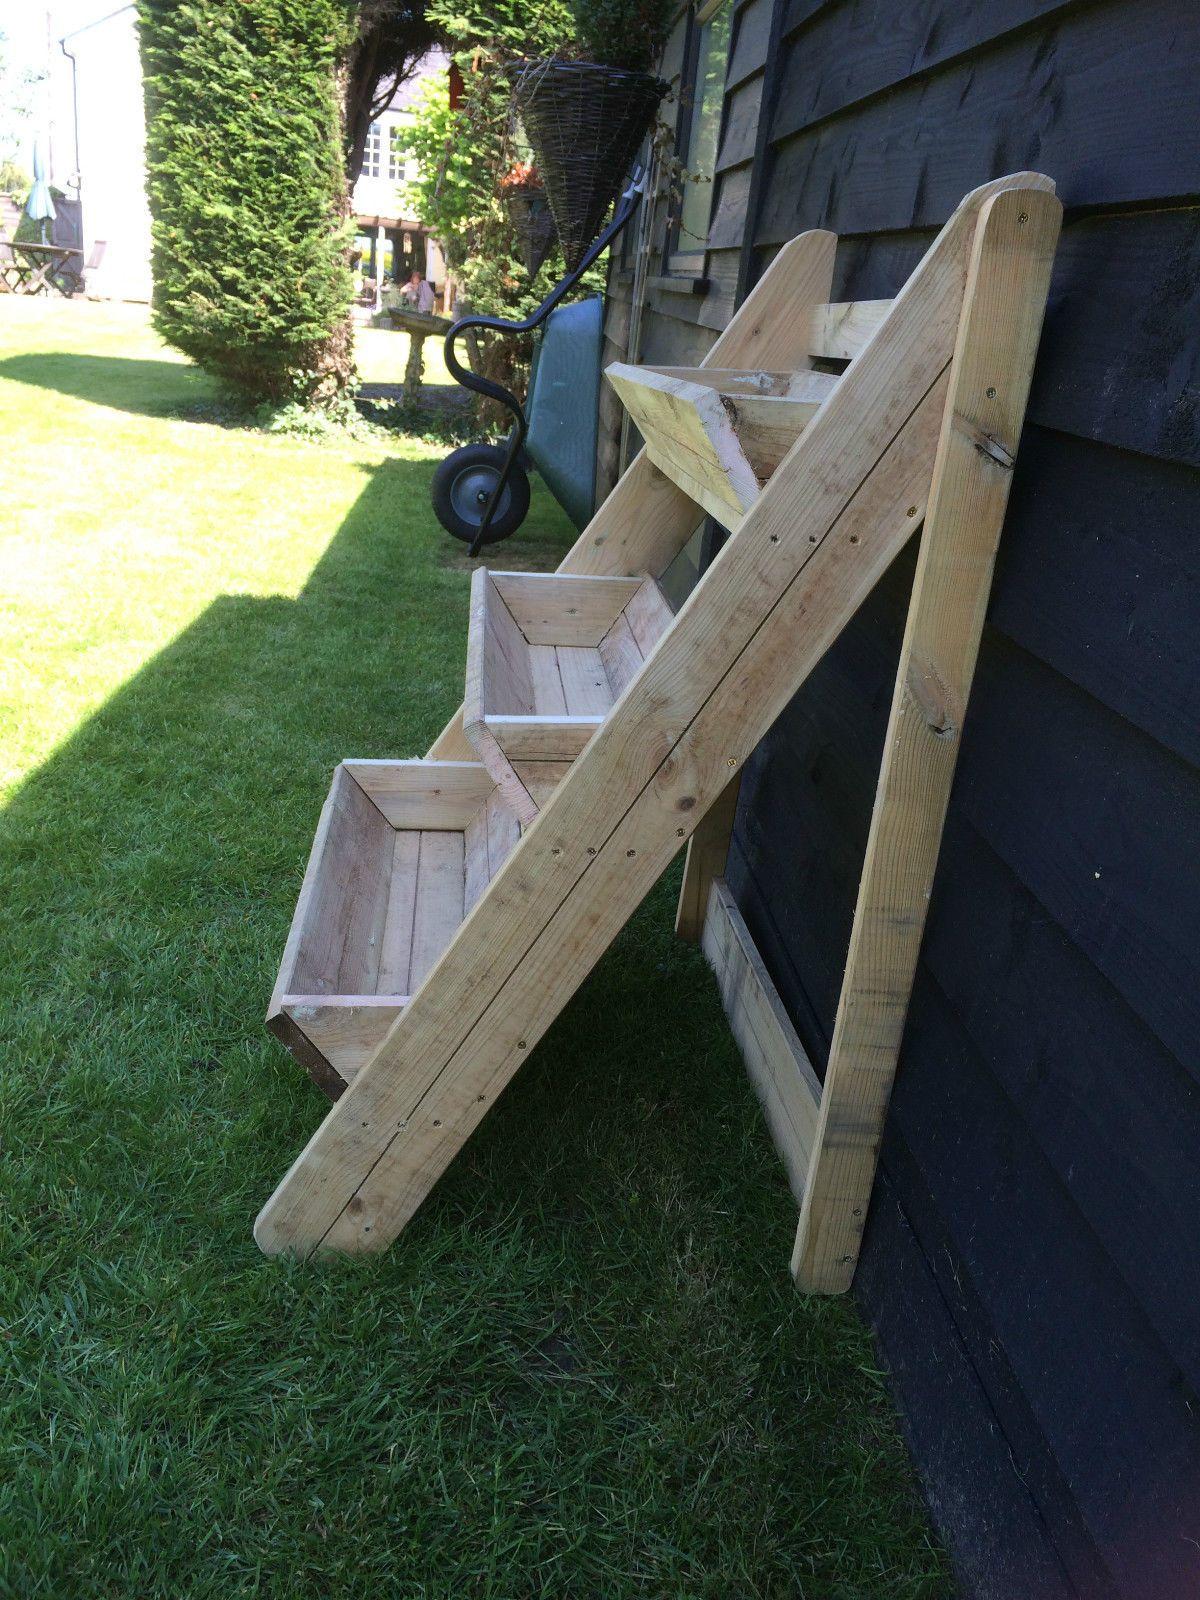 Wooden plant stand 3 tier trough garden strawberry herb flower planter